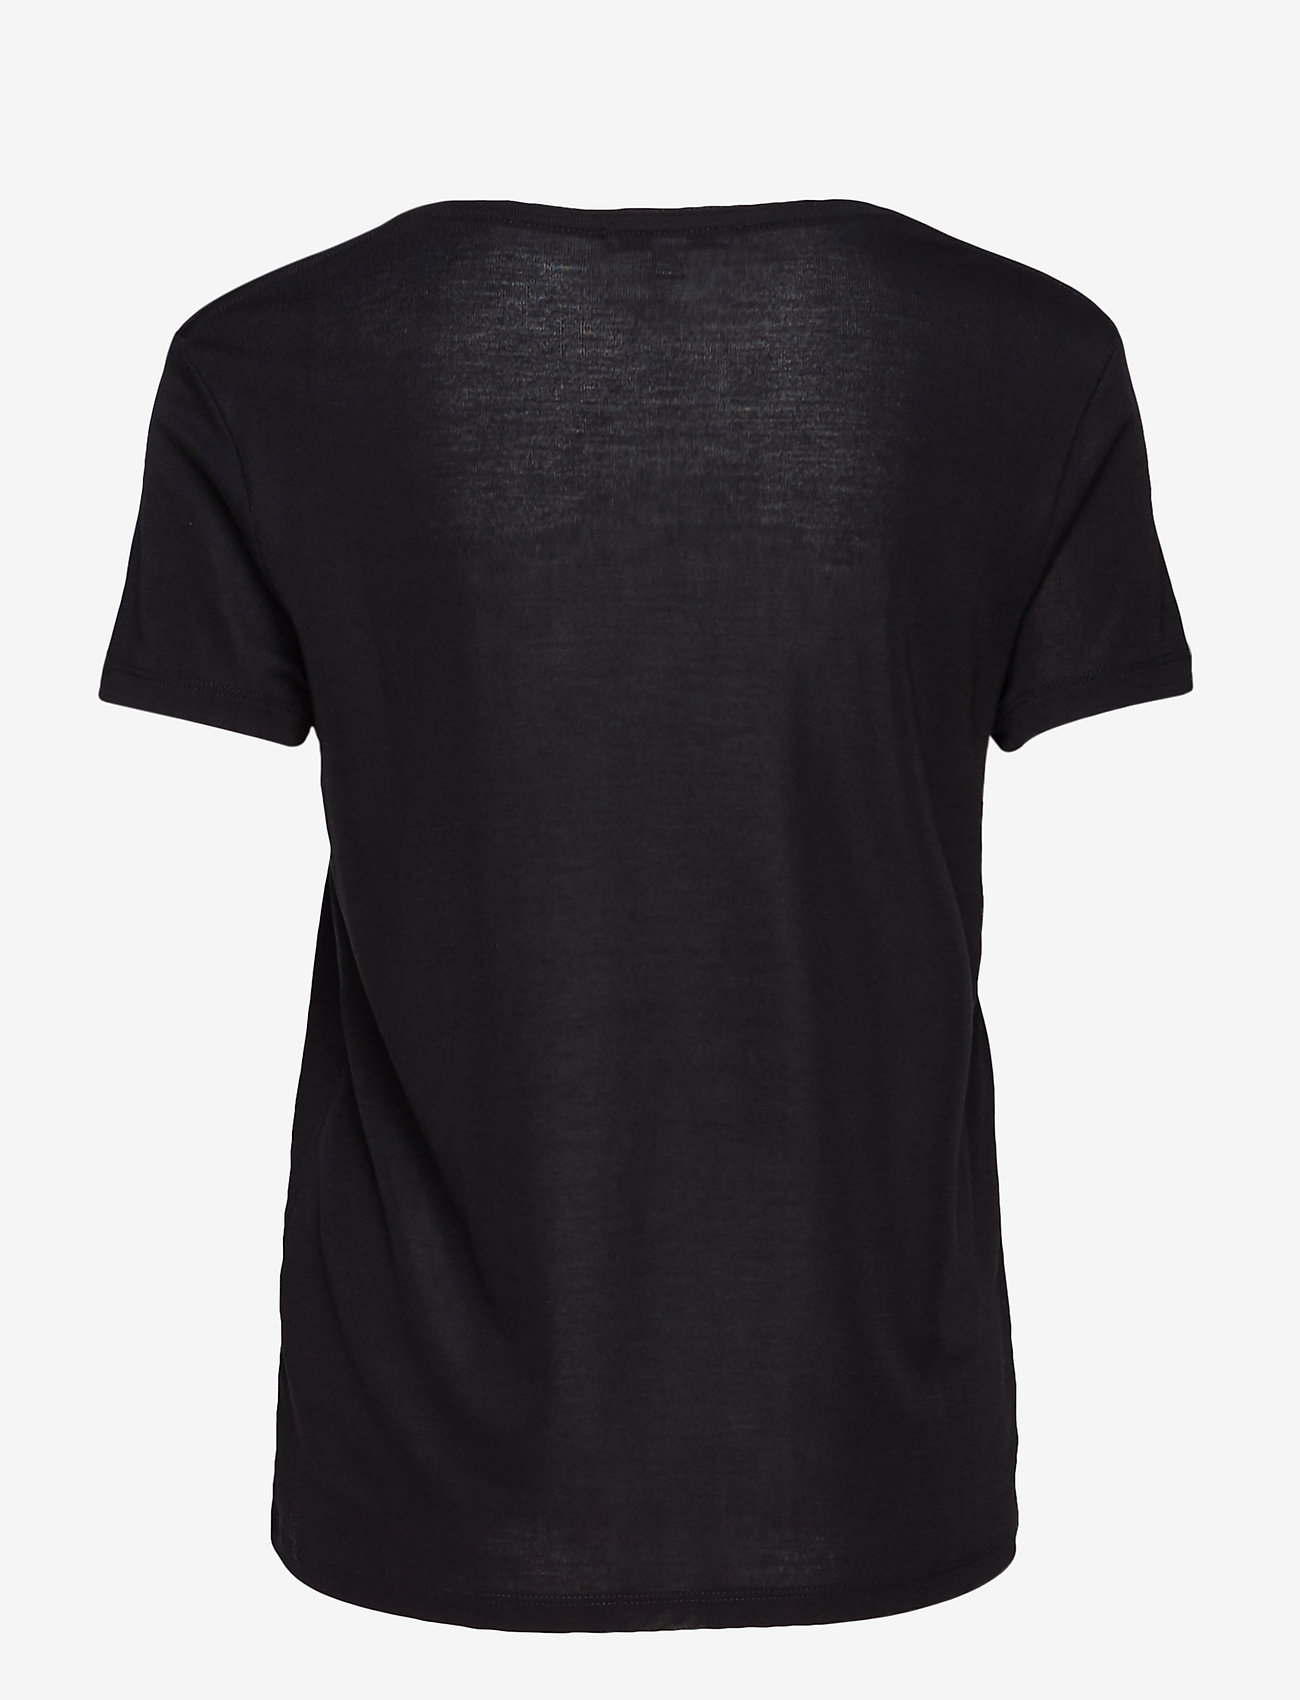 Dagmar - Upama rib top - t-shirts - black - 1